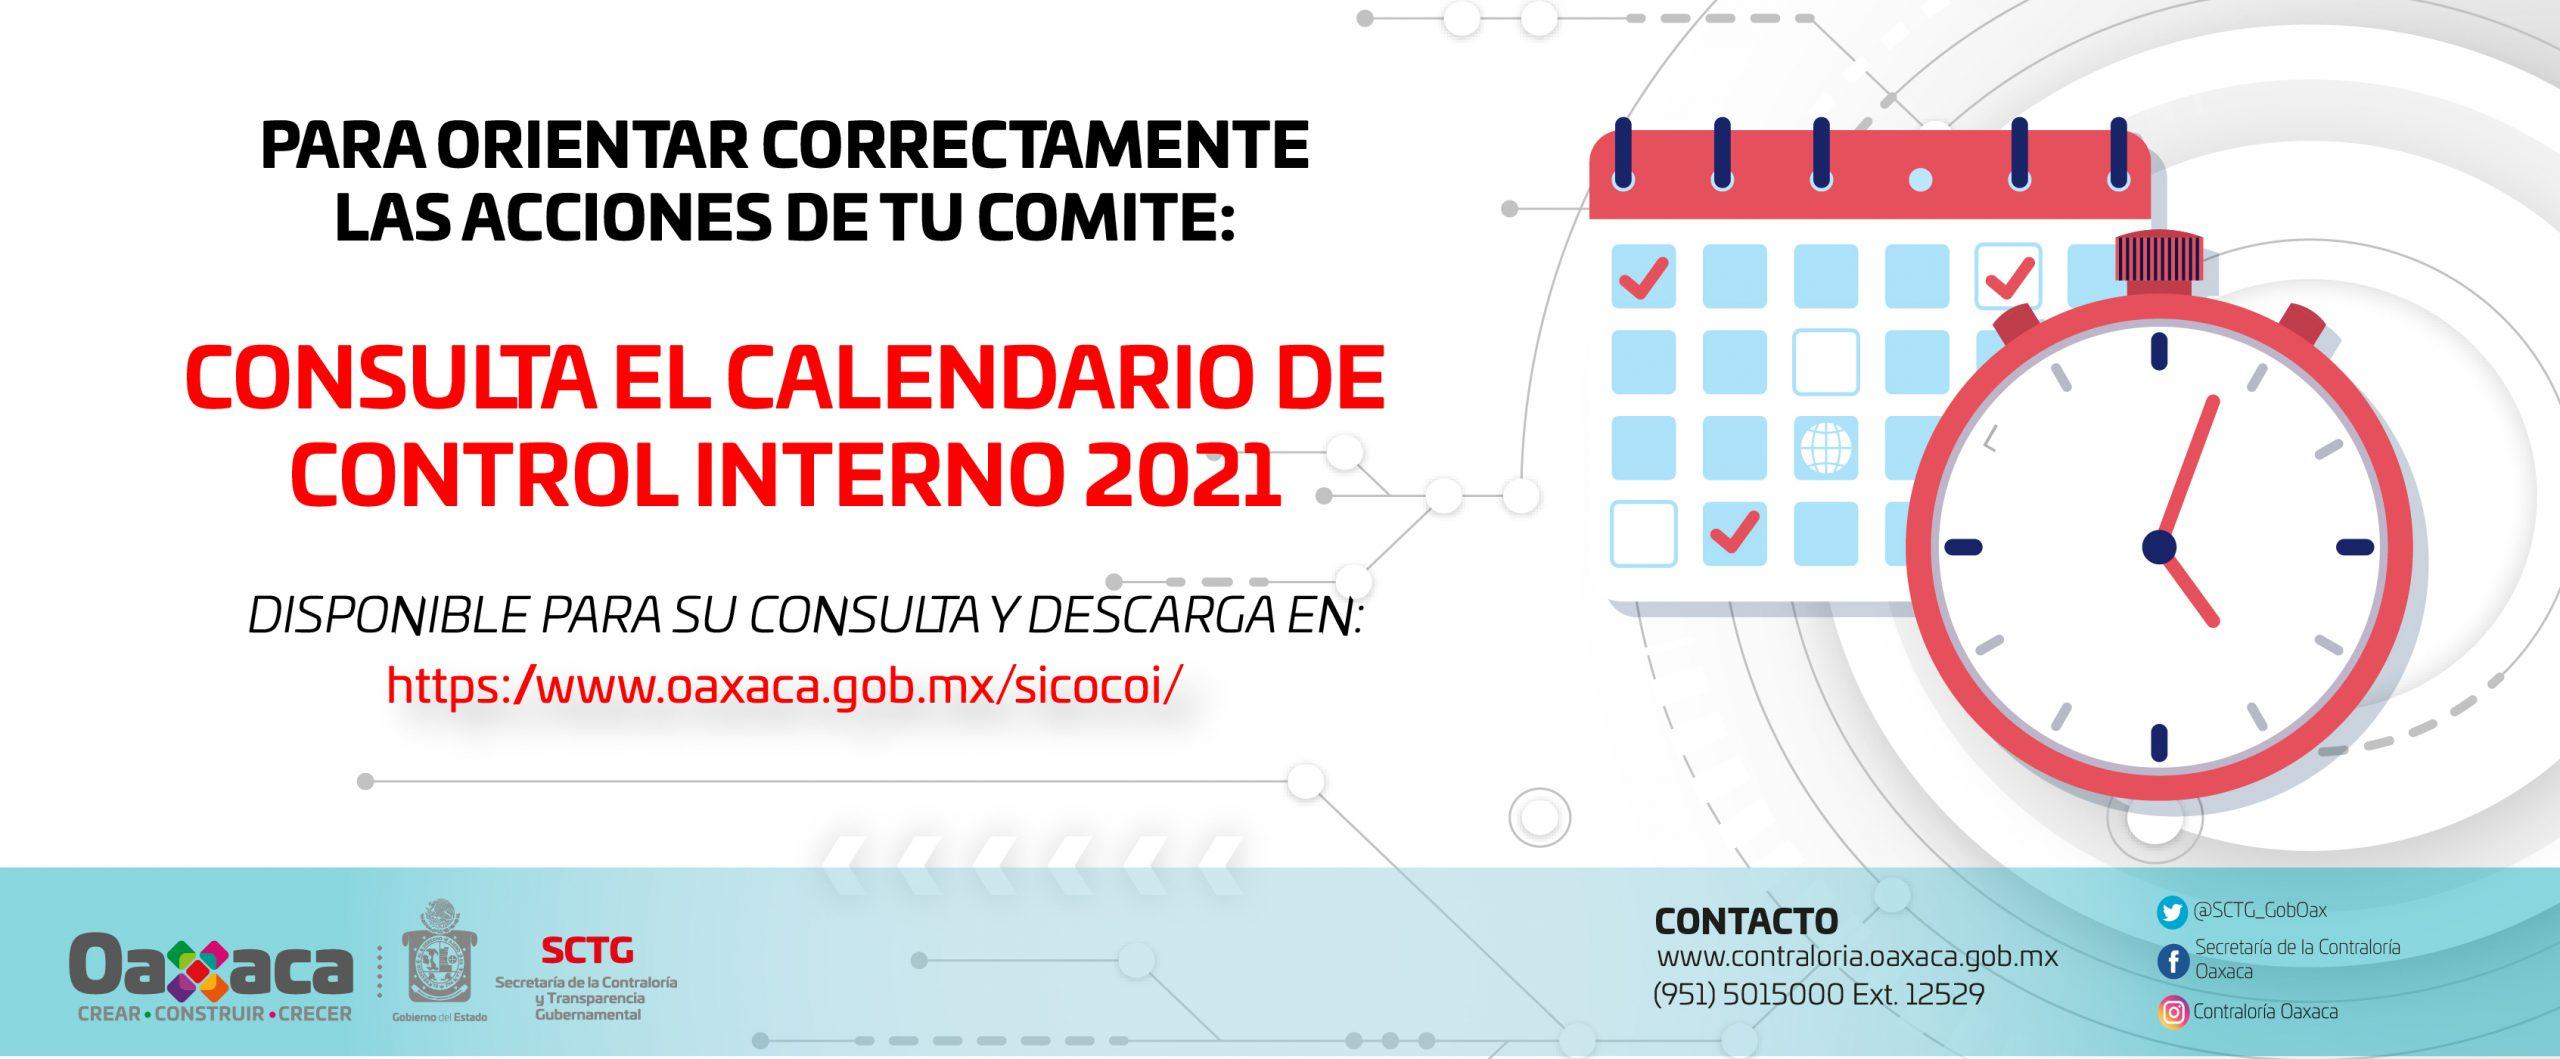 Calendario SCI 2021